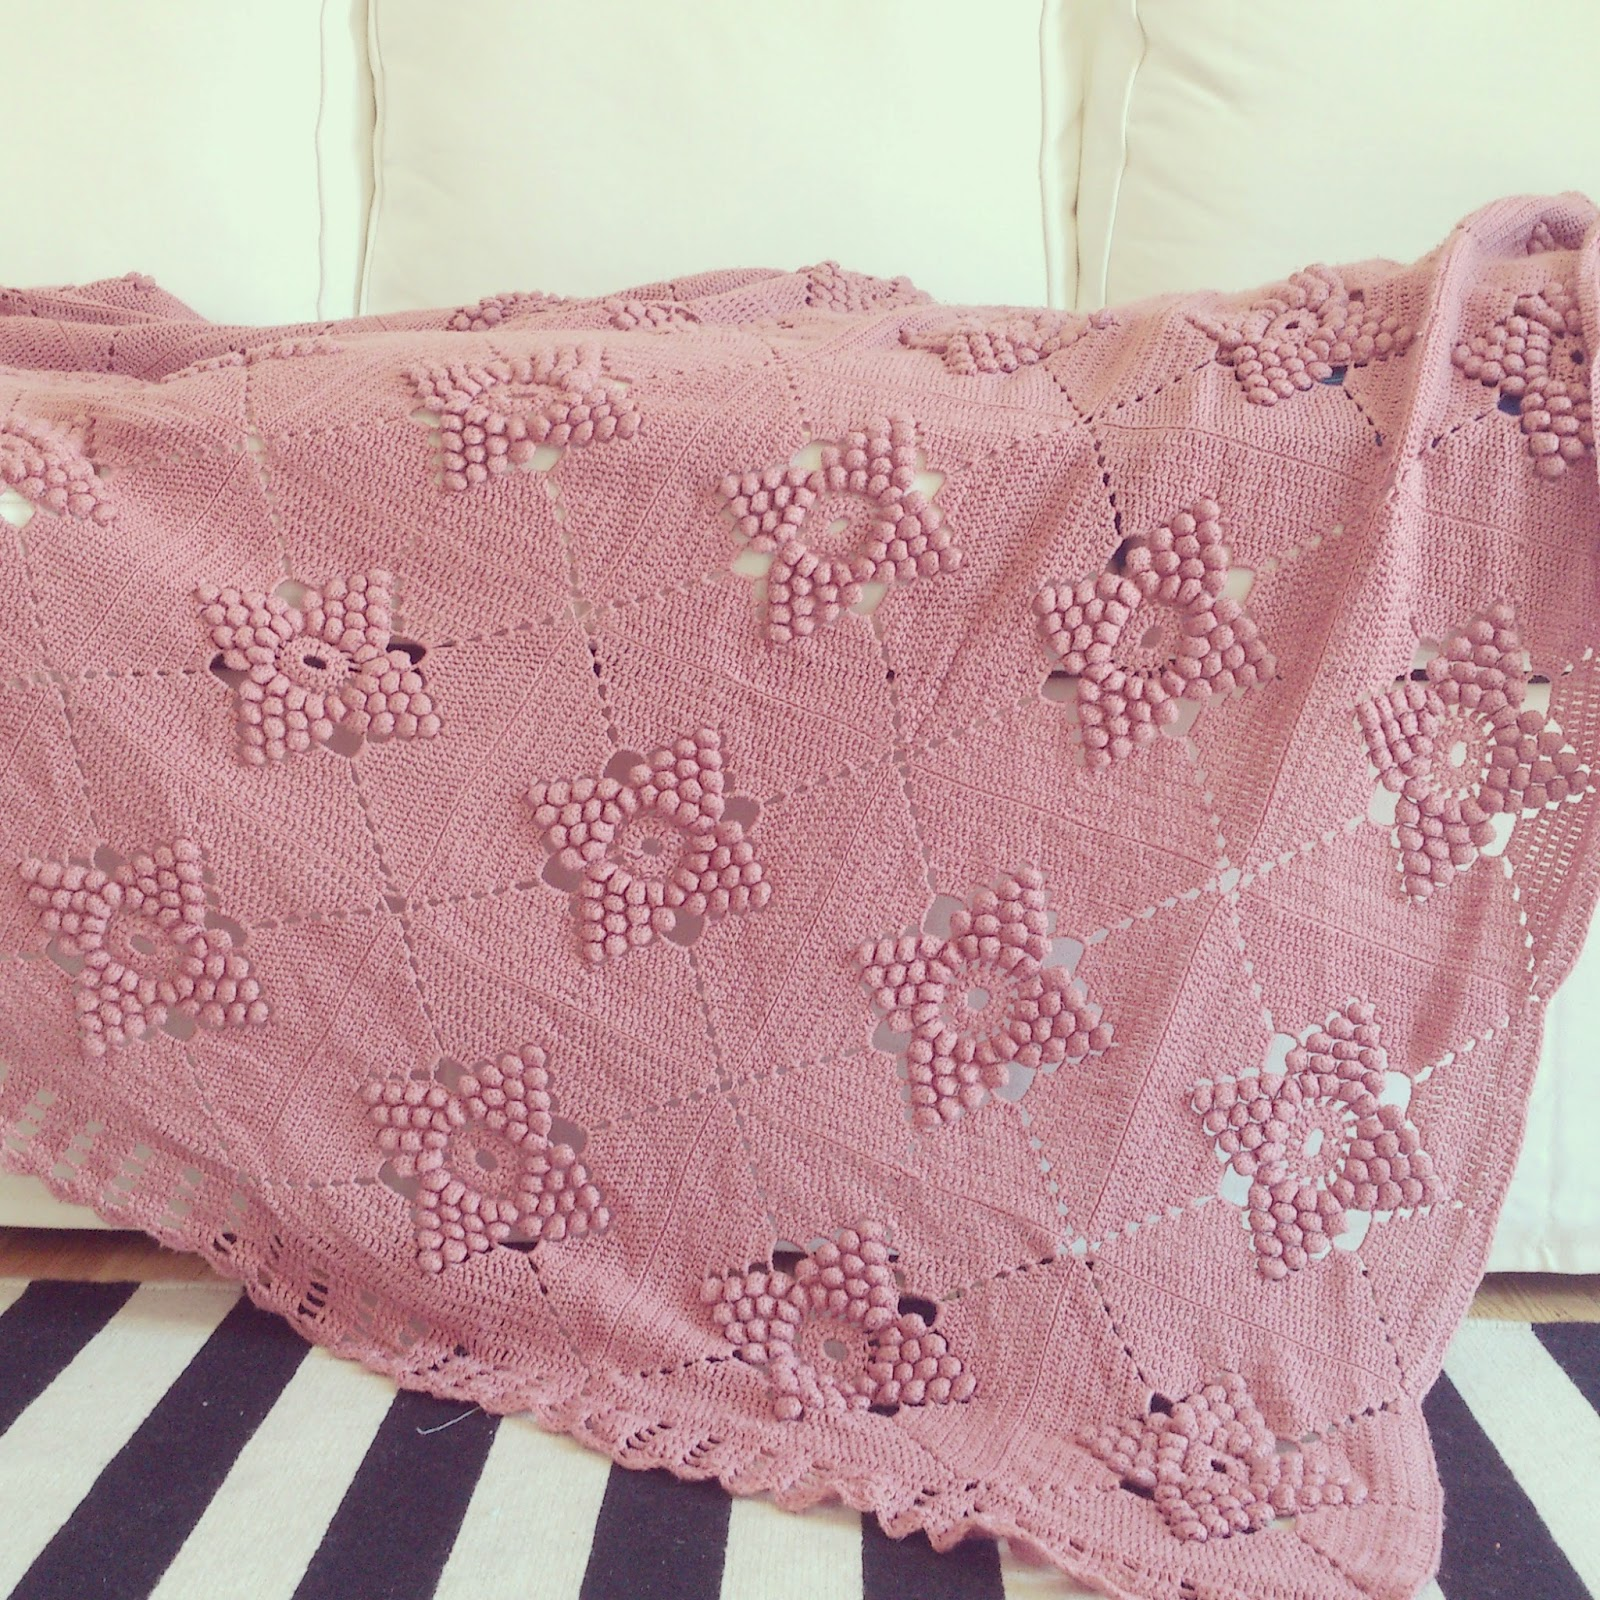 ByHaafner, vintage crochet blanket, pastel, pink, popcorn stitch